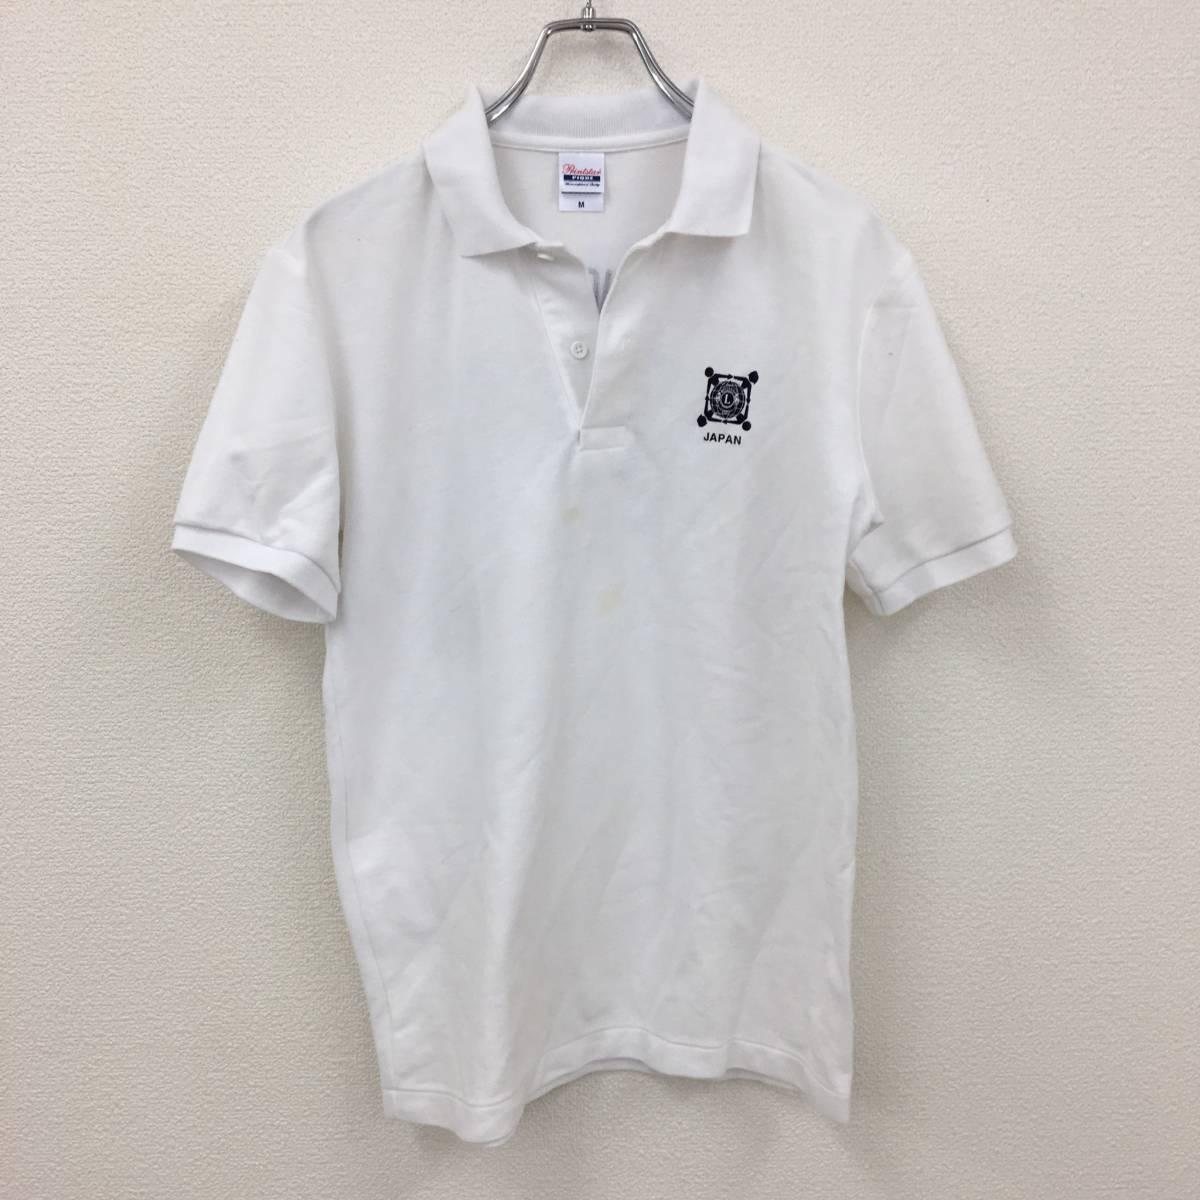 【バックプリント】ライオンズクラブジャパン 半袖ポロシャツ Mサイズ Lions Club Japan